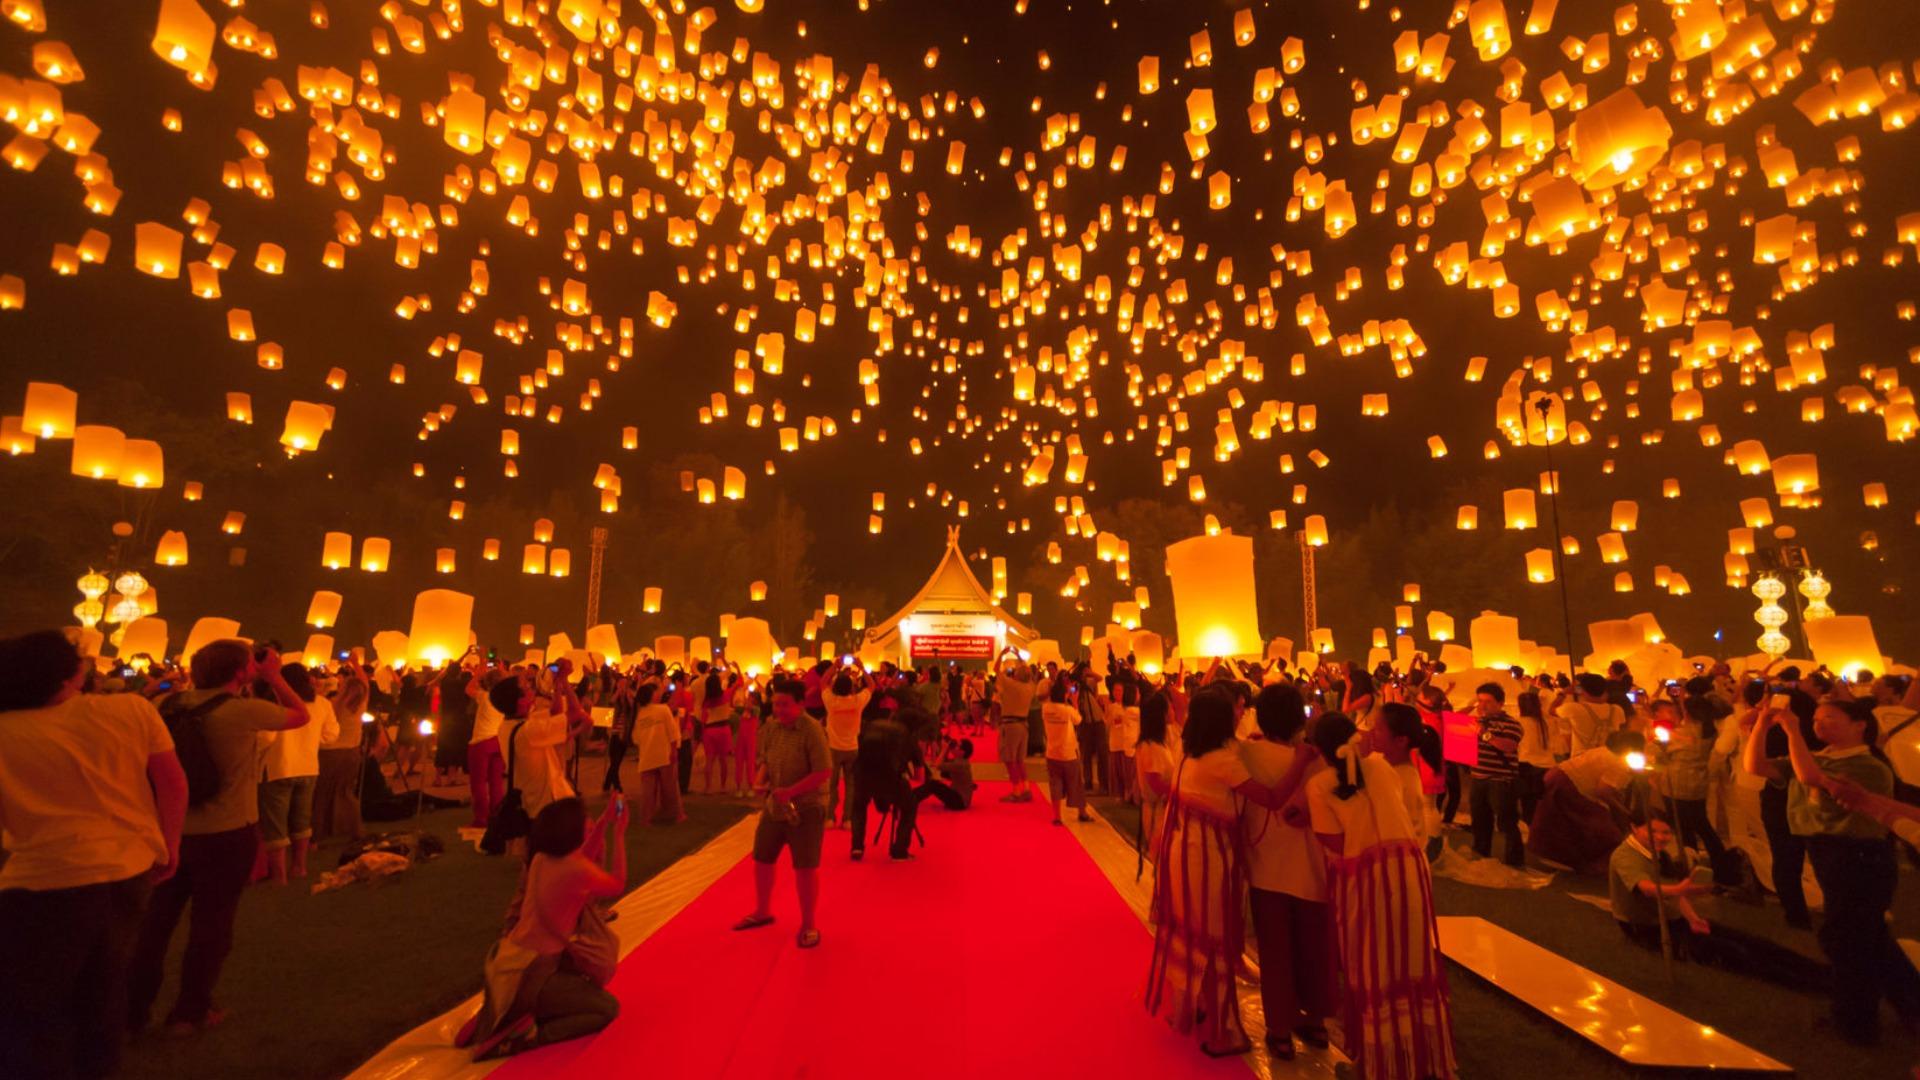 زمانبندی برای سفر در جشنواره های تایلند